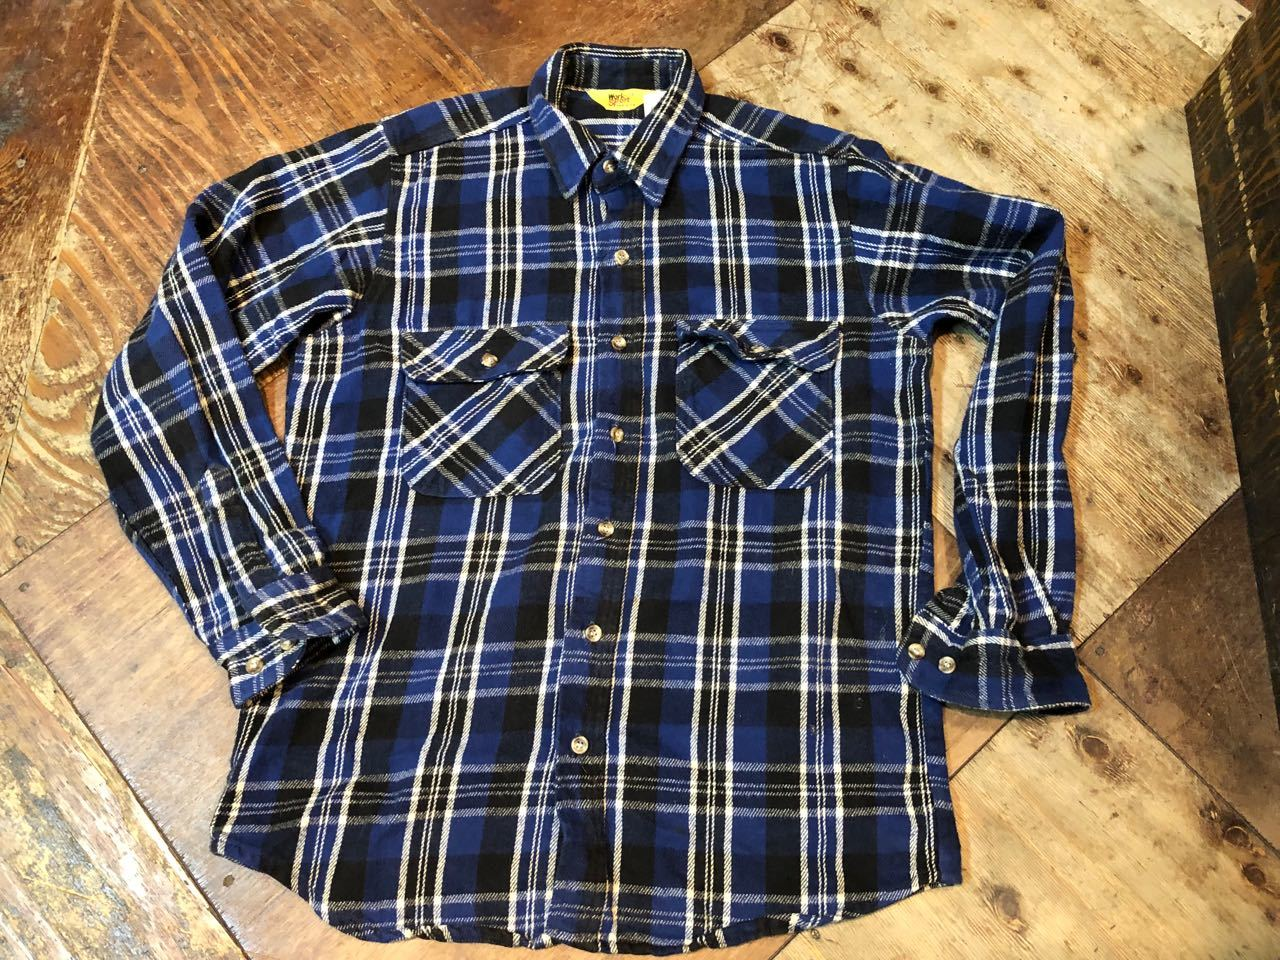 12/24入荷!80s WORK SPOT MADE IN U.S.A ヘビーネルシャツ! _c0144020_18513515.jpg